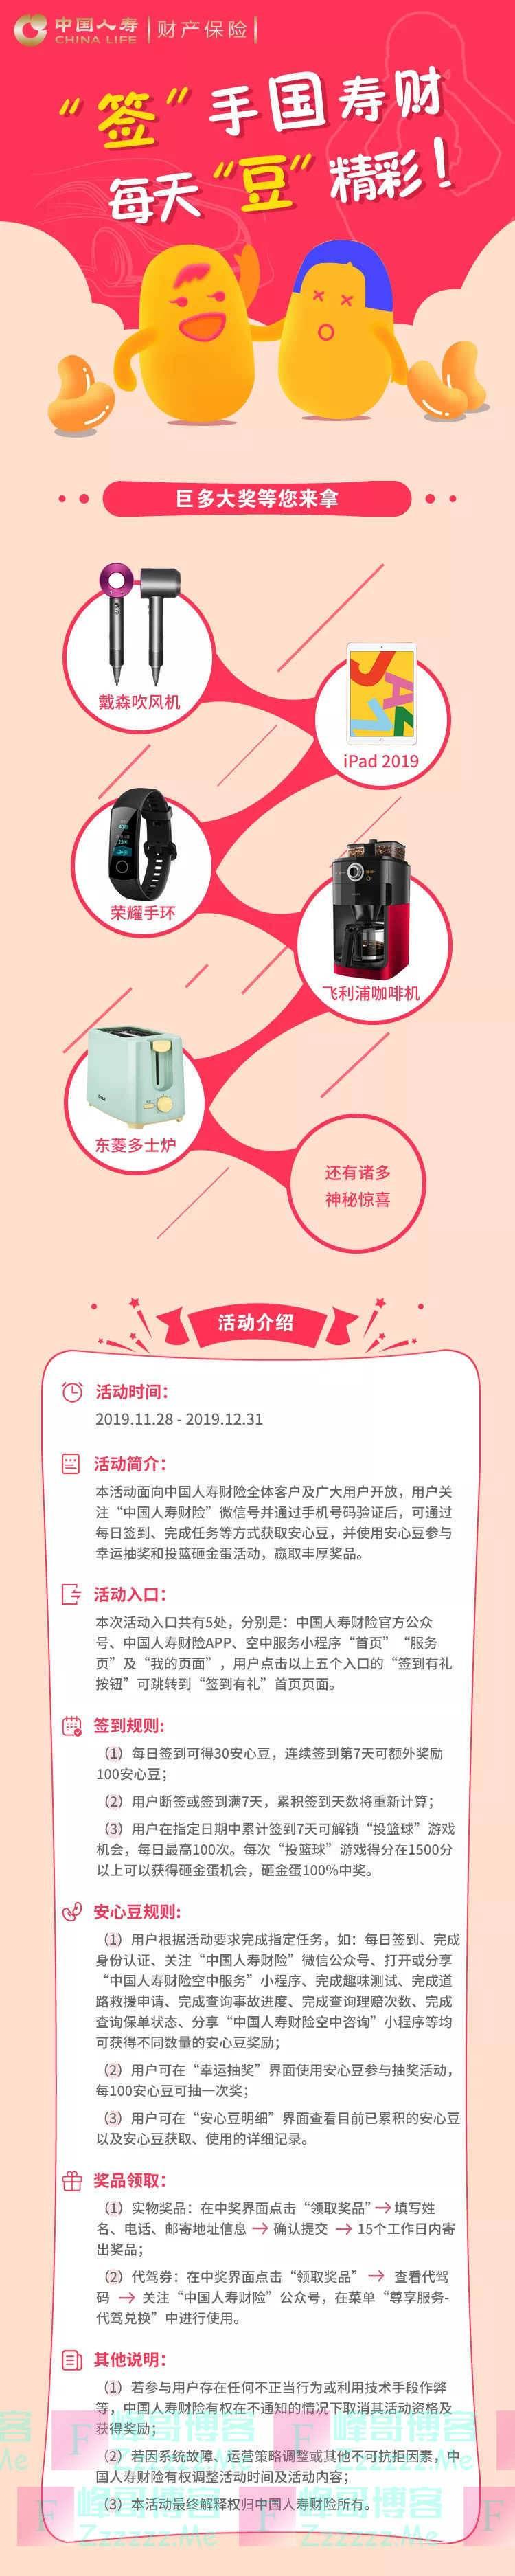 中国人寿财险感恩客户聚好礼,签到抽奖so easy(12月31日截止)